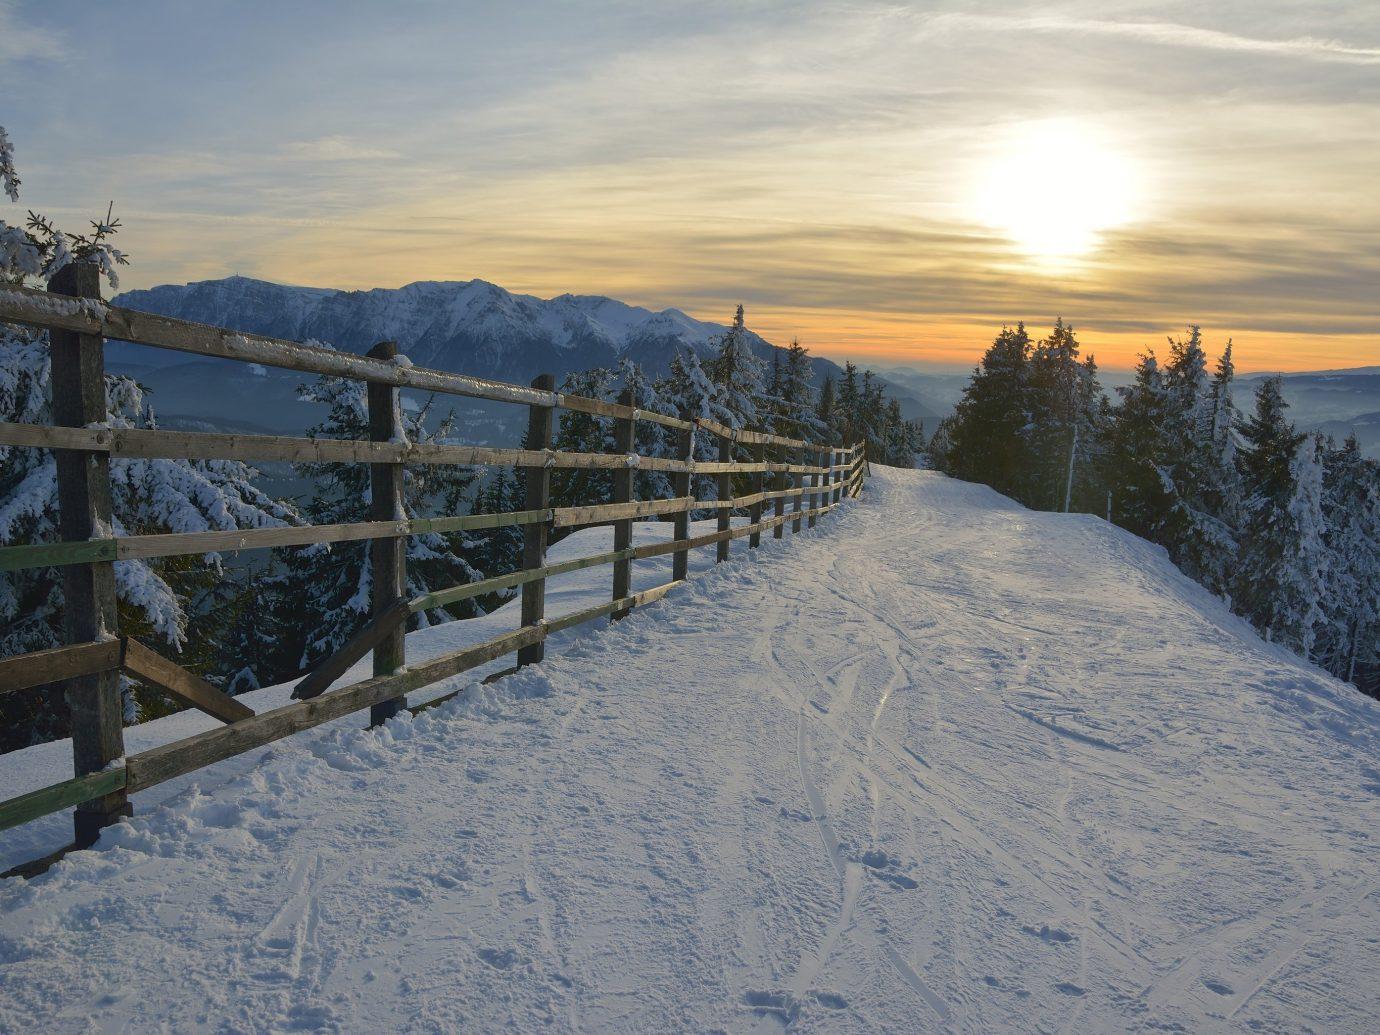 Trip Ideas snow outdoor sky Winter mountainous landforms weather mountain season morning freezing mountain range Fence day